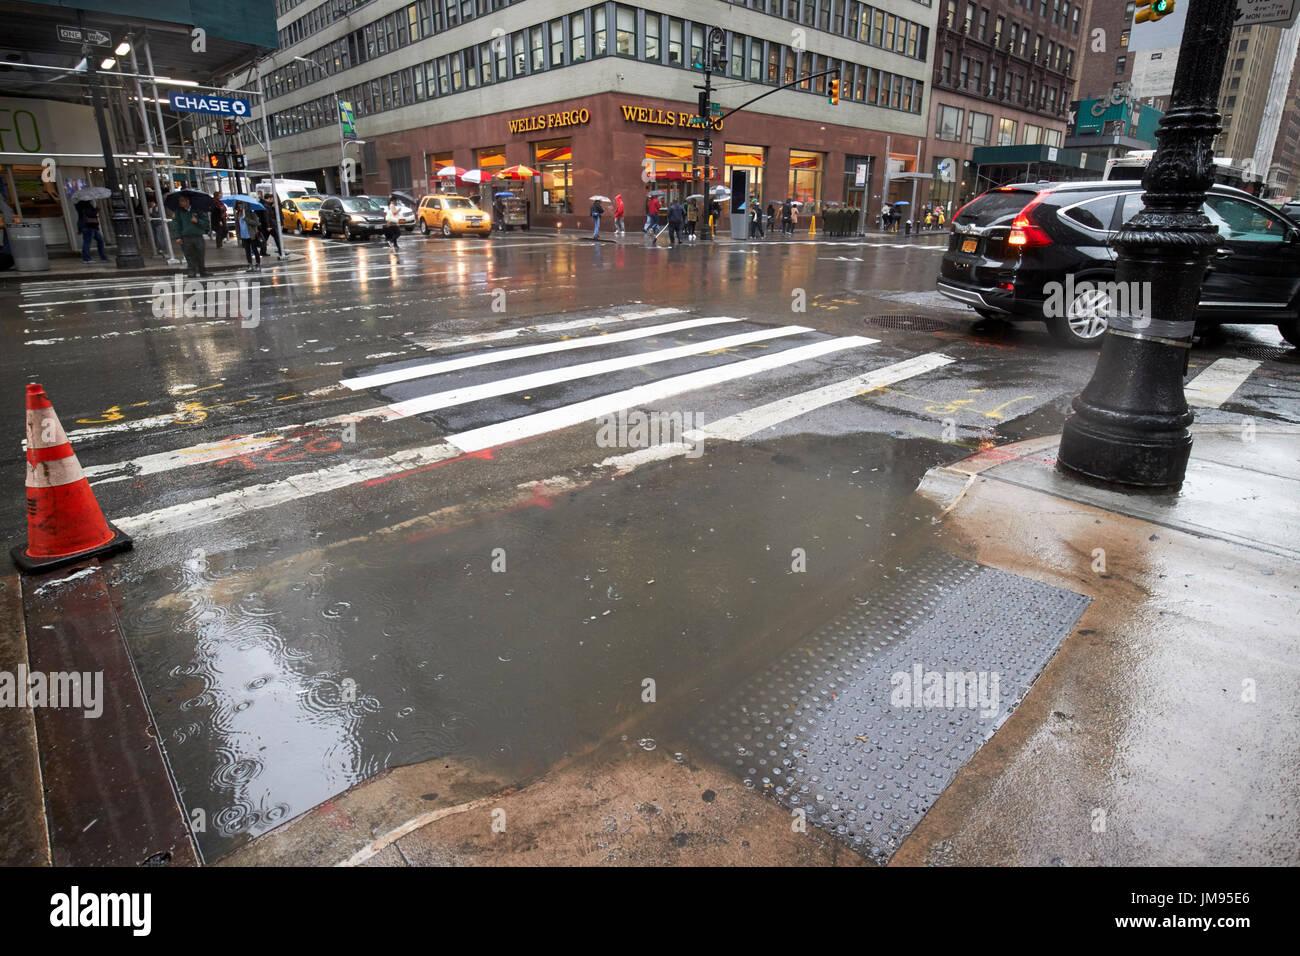 L'eau de pluie à partir d'inonder les rues de New York City USA Photo Stock